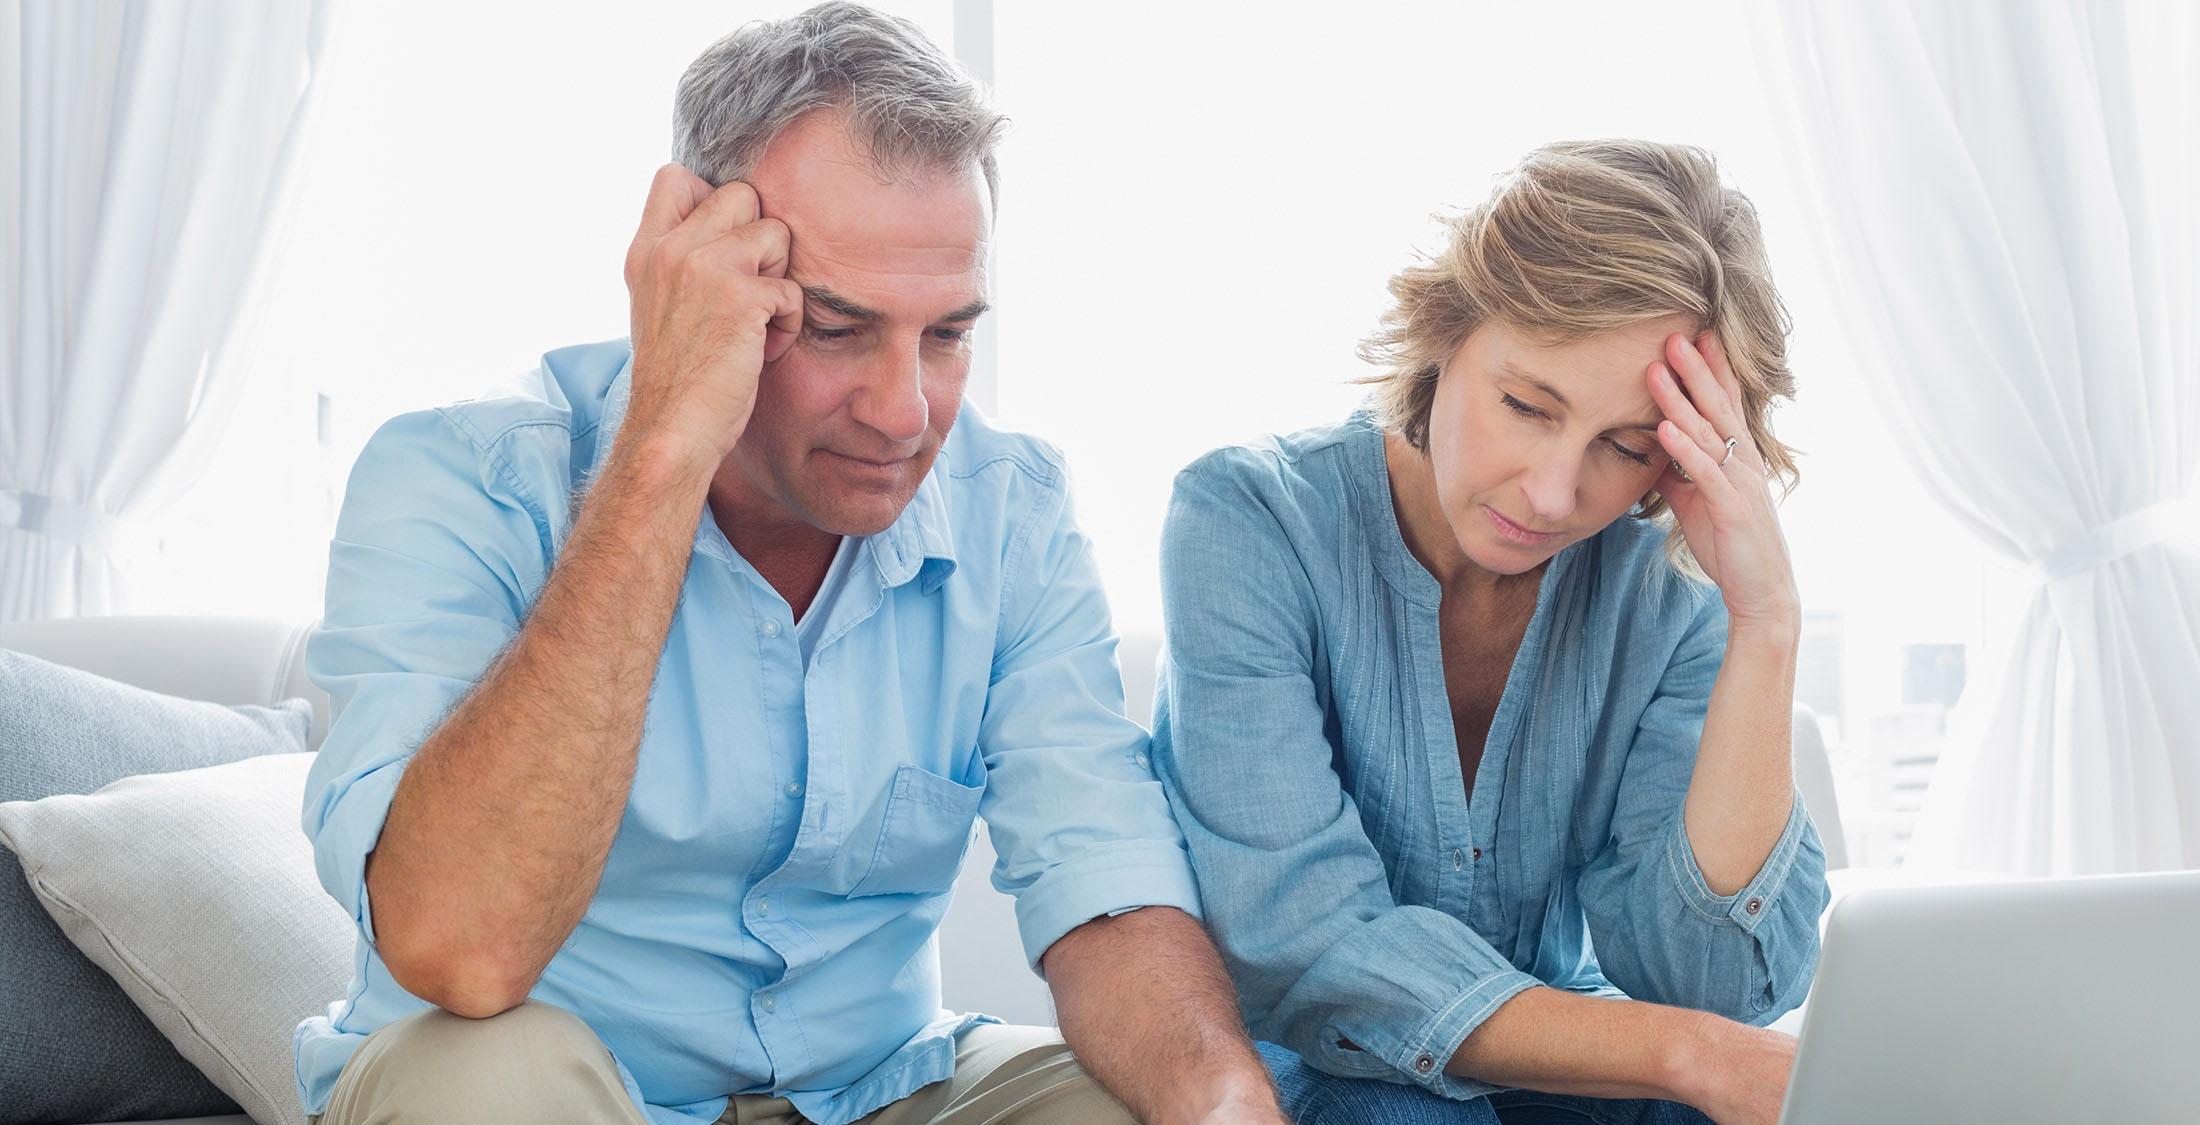 elder couple looking stressed